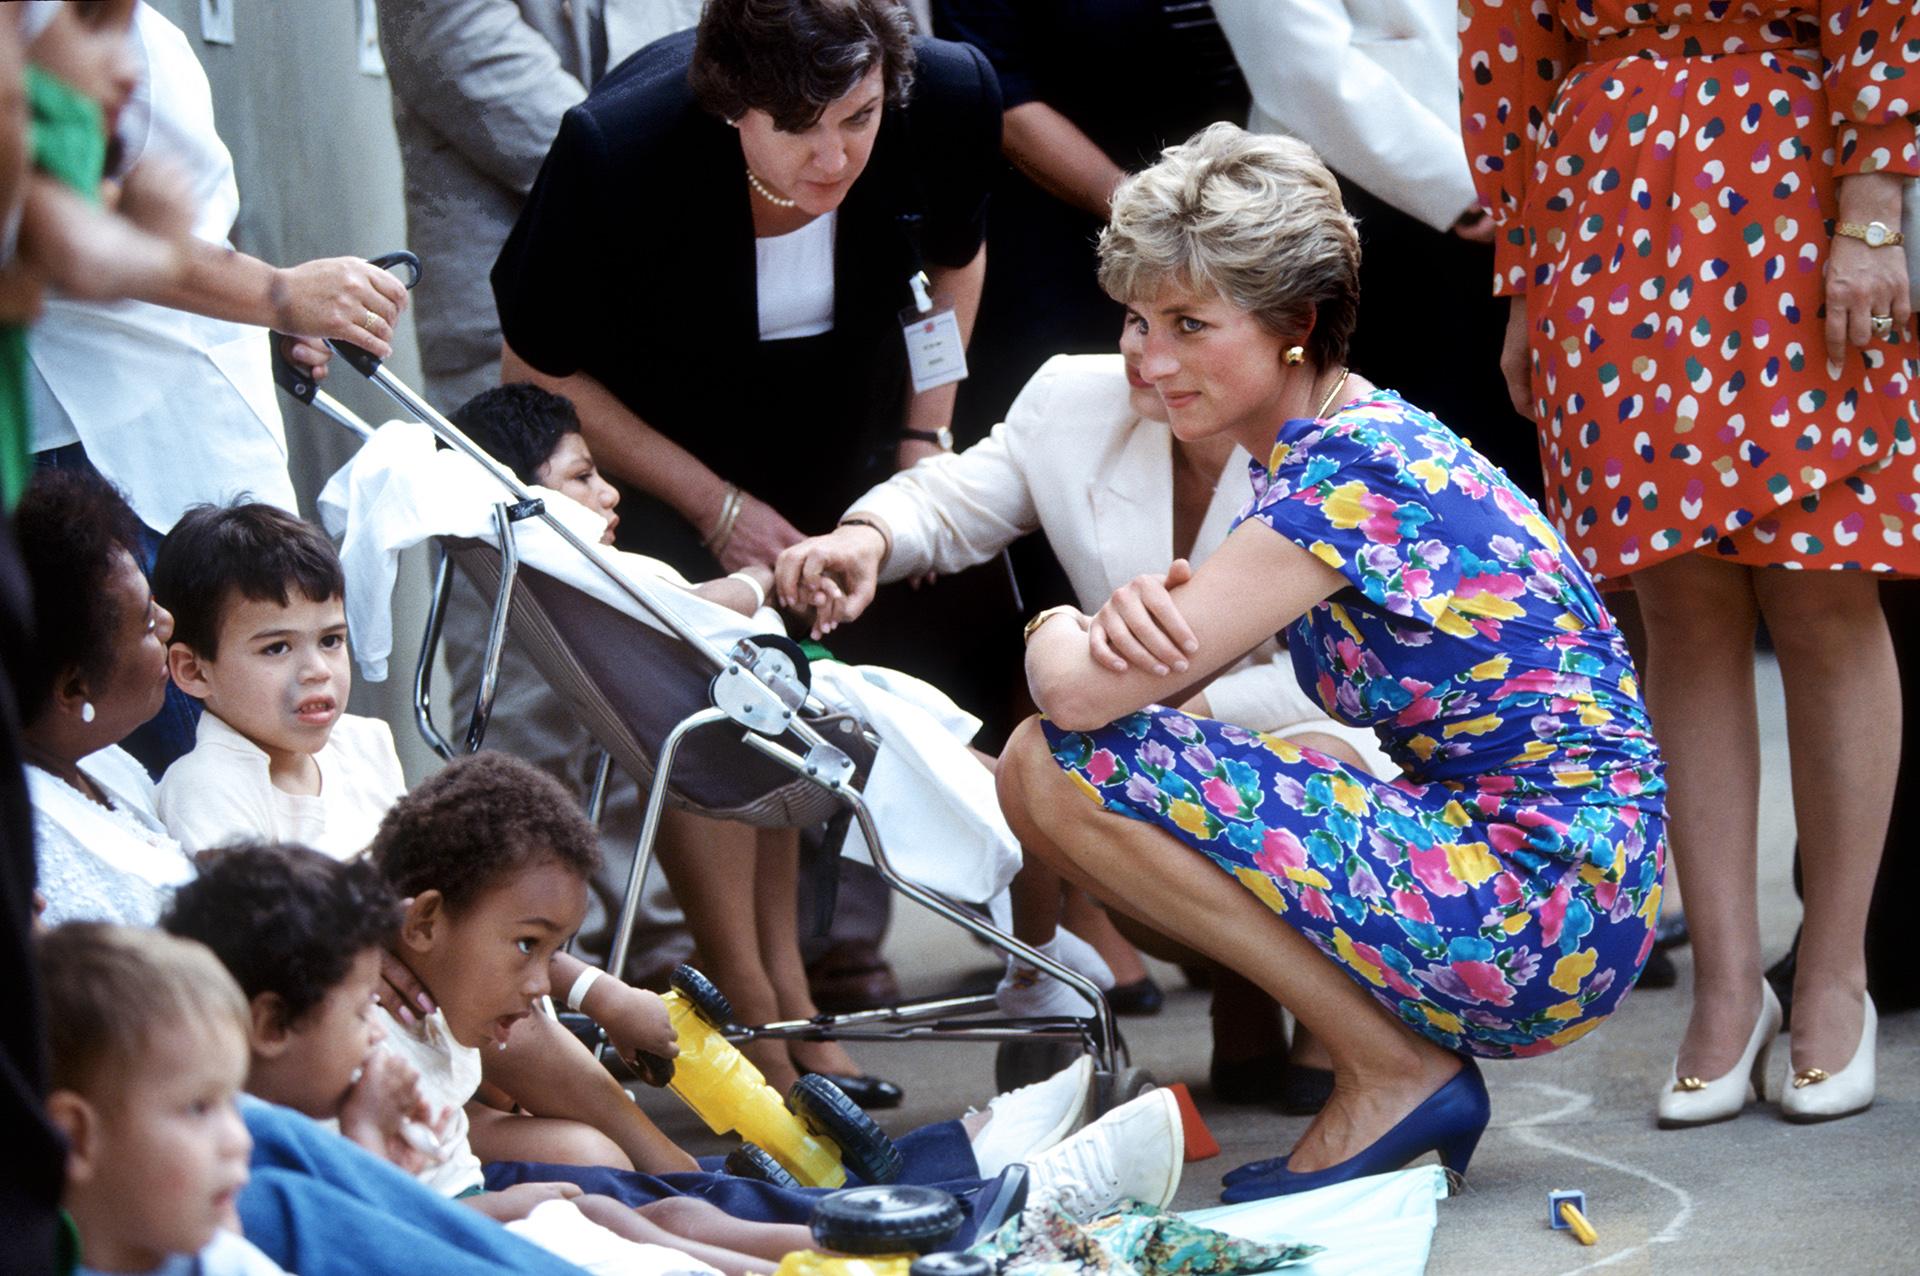 Diana estuvo siempre al cuidado de sus hijos, tenía devoción por los niños y en cada presentación se acercaba a saludarlos